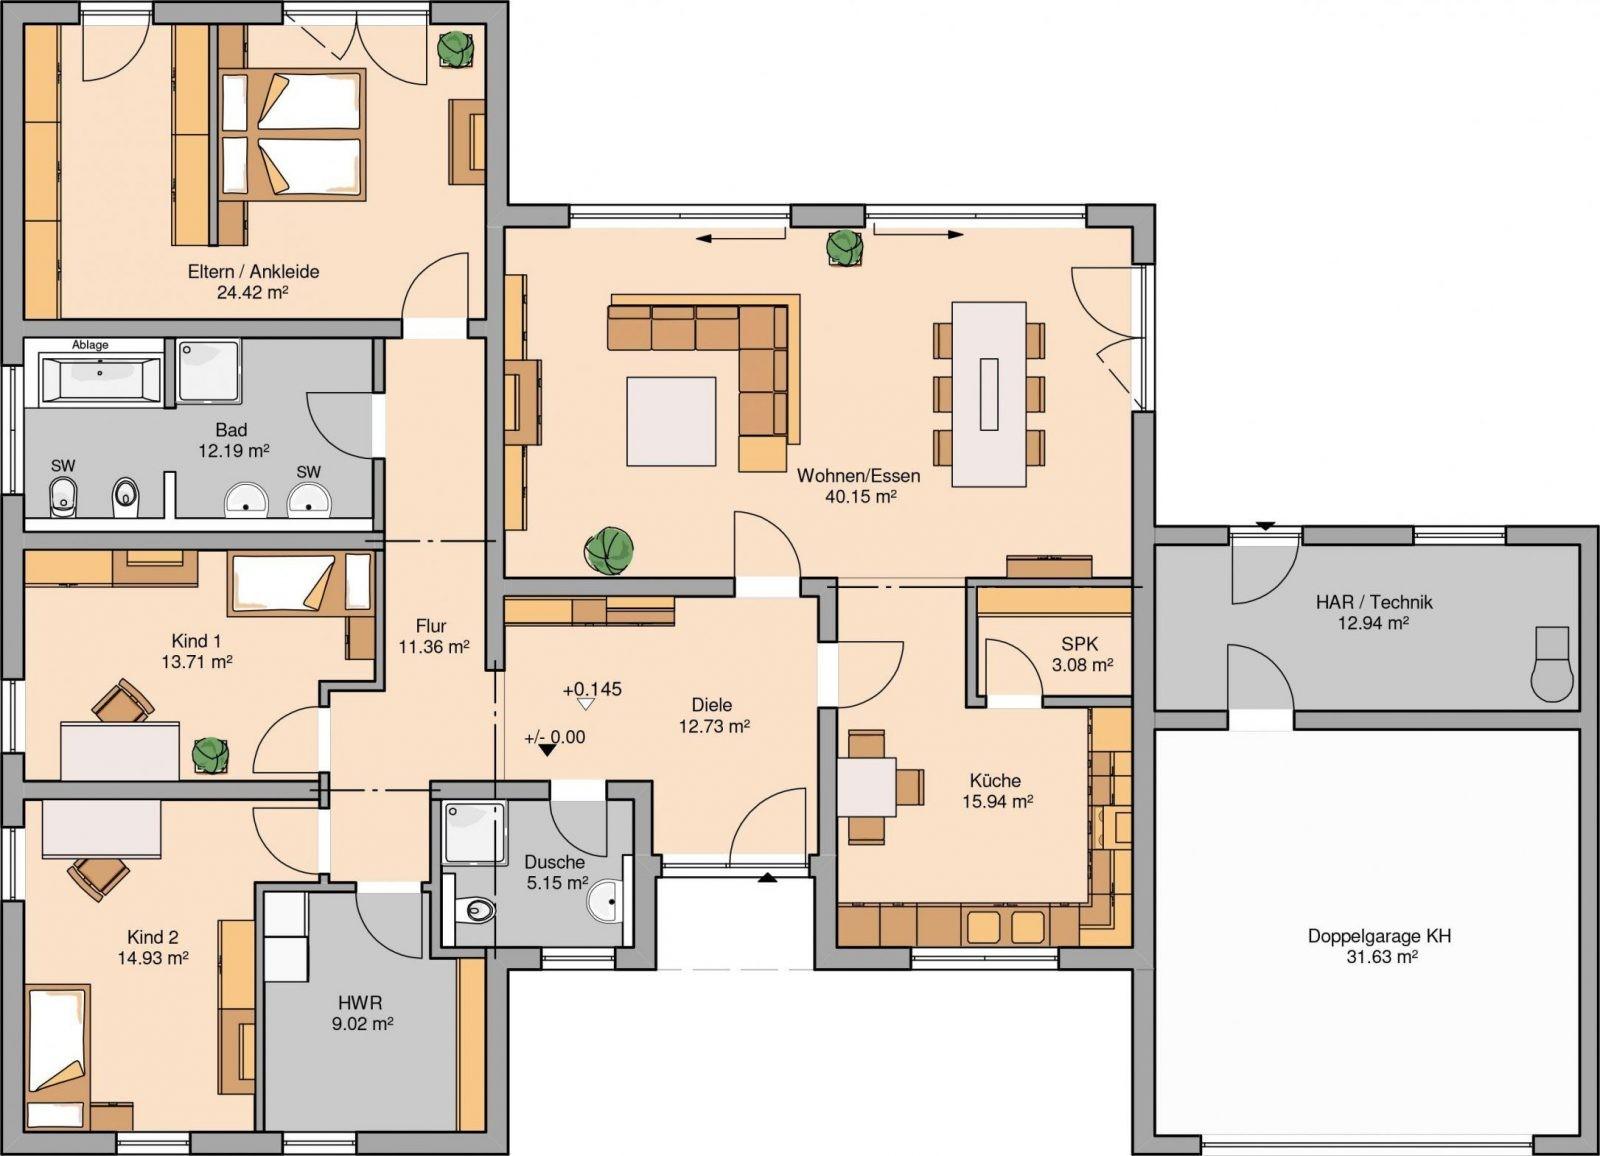 Grundriss Winkelbungalow Mit Garage Home Interior Ideen Design Avec von Grundriss Bungalow 120 Qm Mit Garage Bild